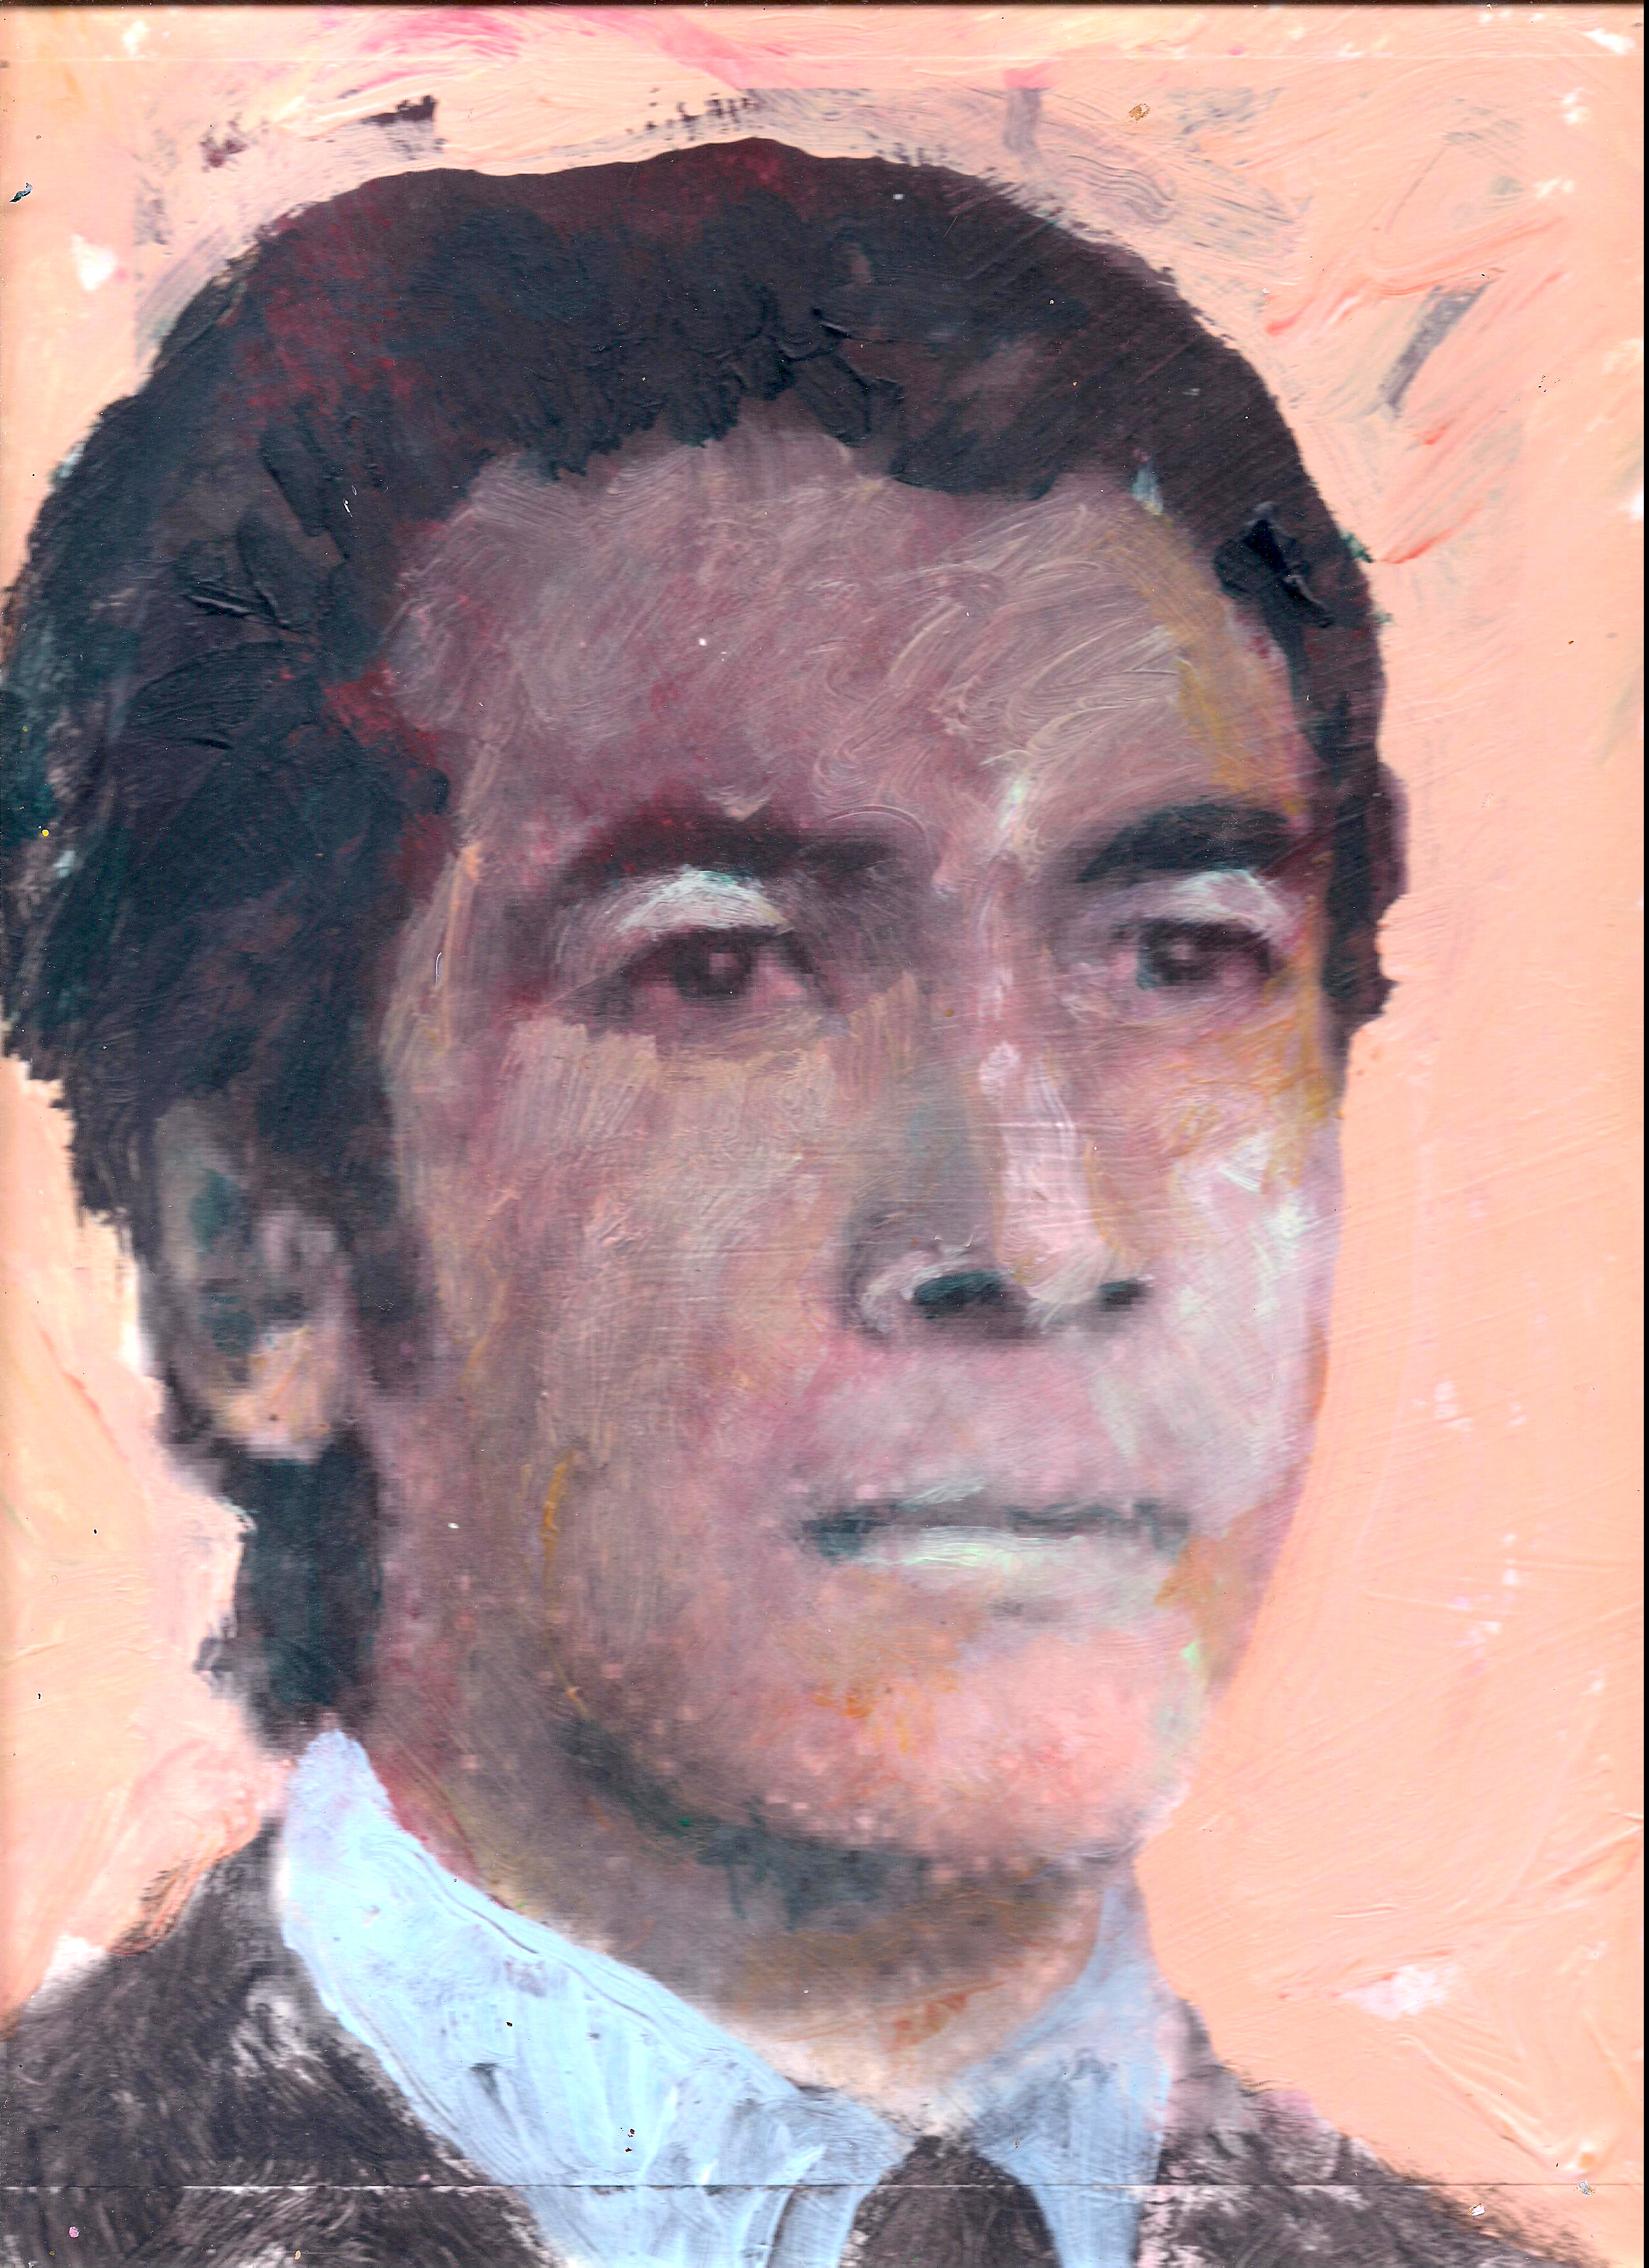 Jose Abdala